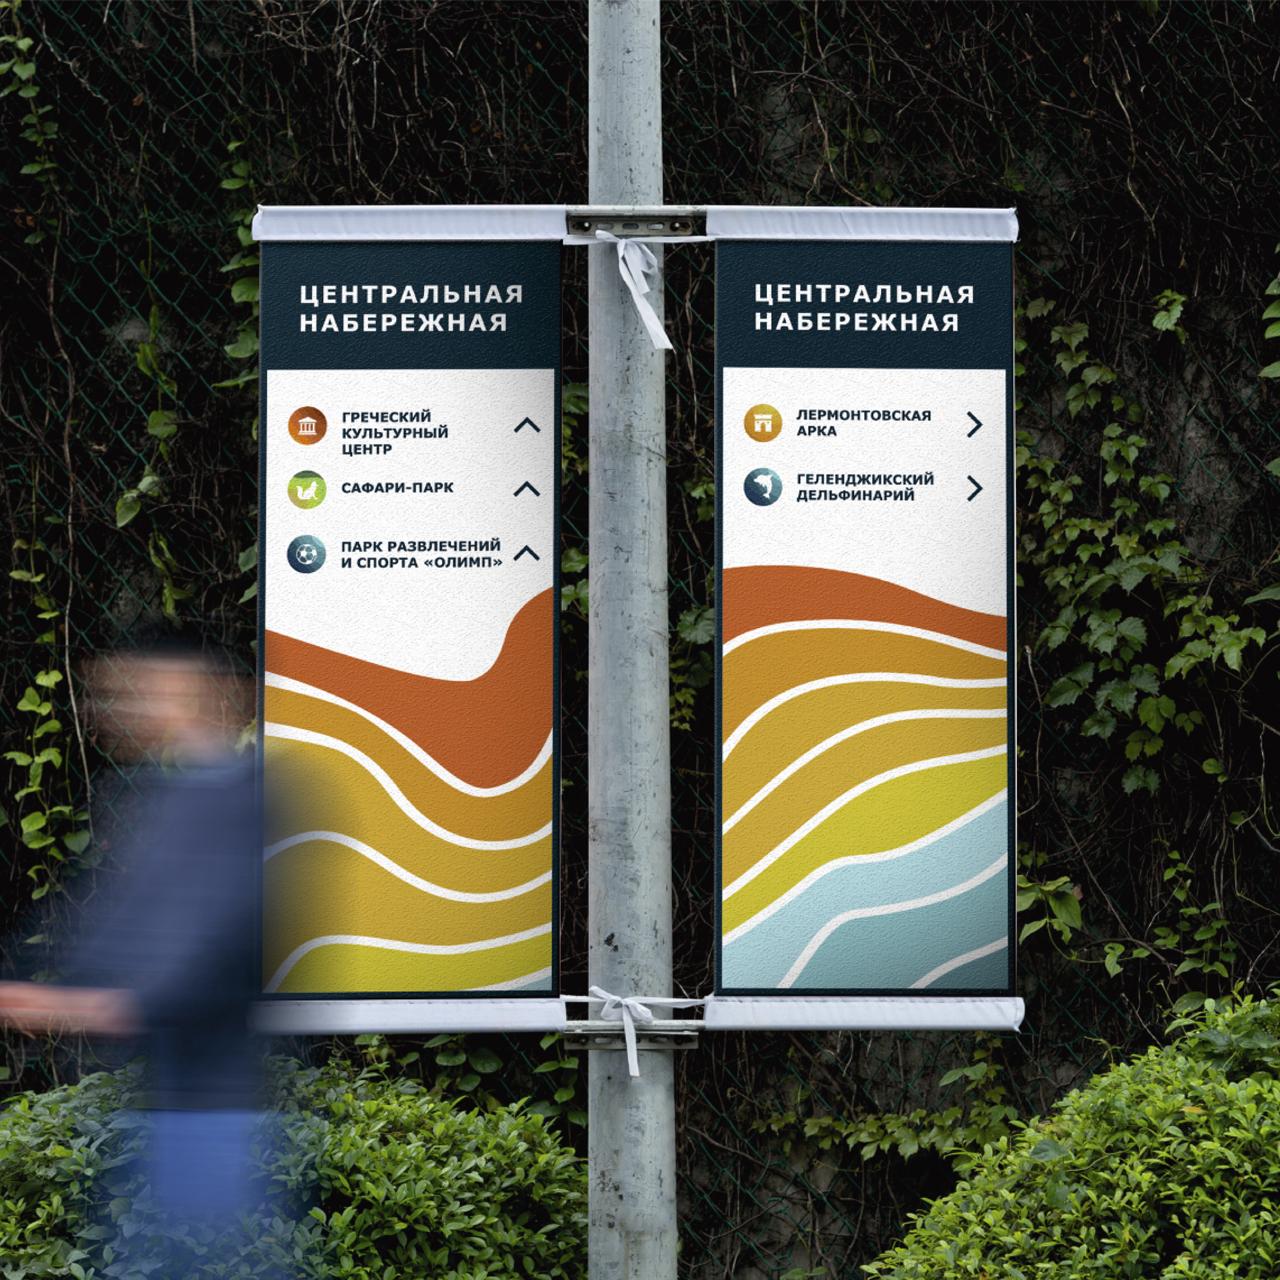 Визуальная среда туристического бренда Геленджика на примере указателей